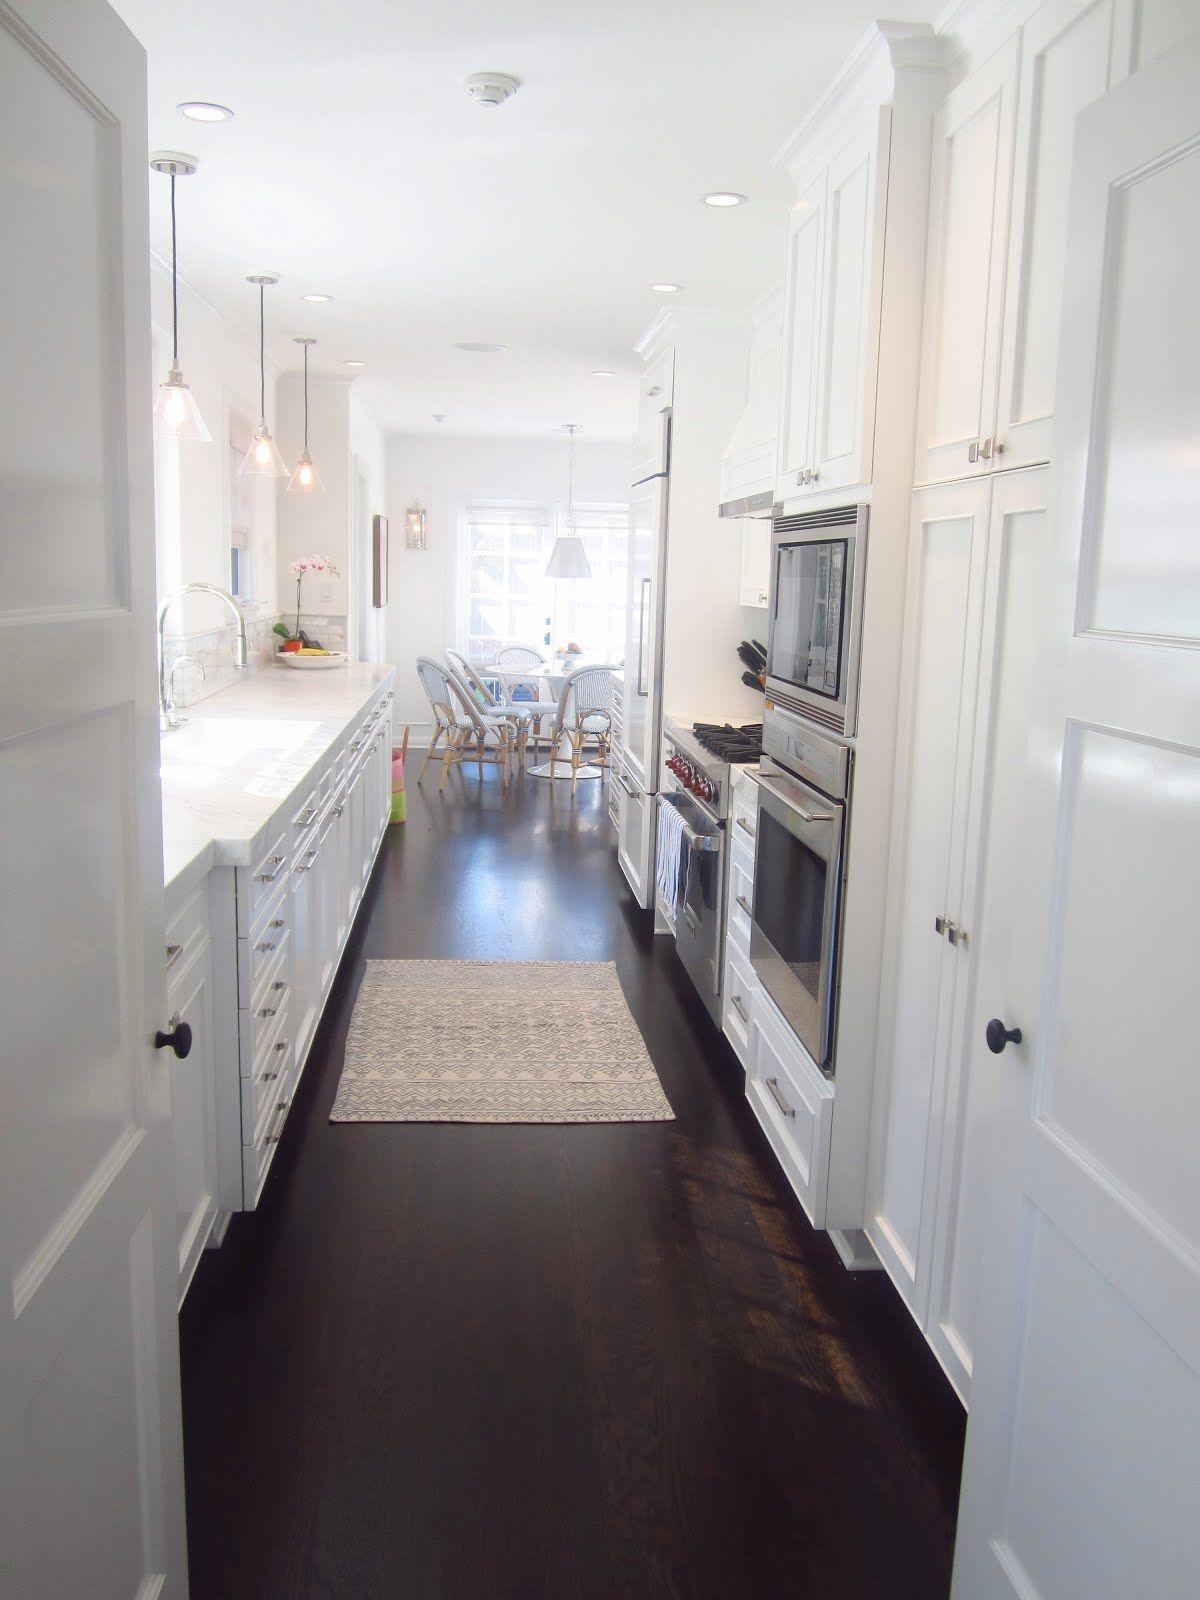 hallway kitchen, sink in island?